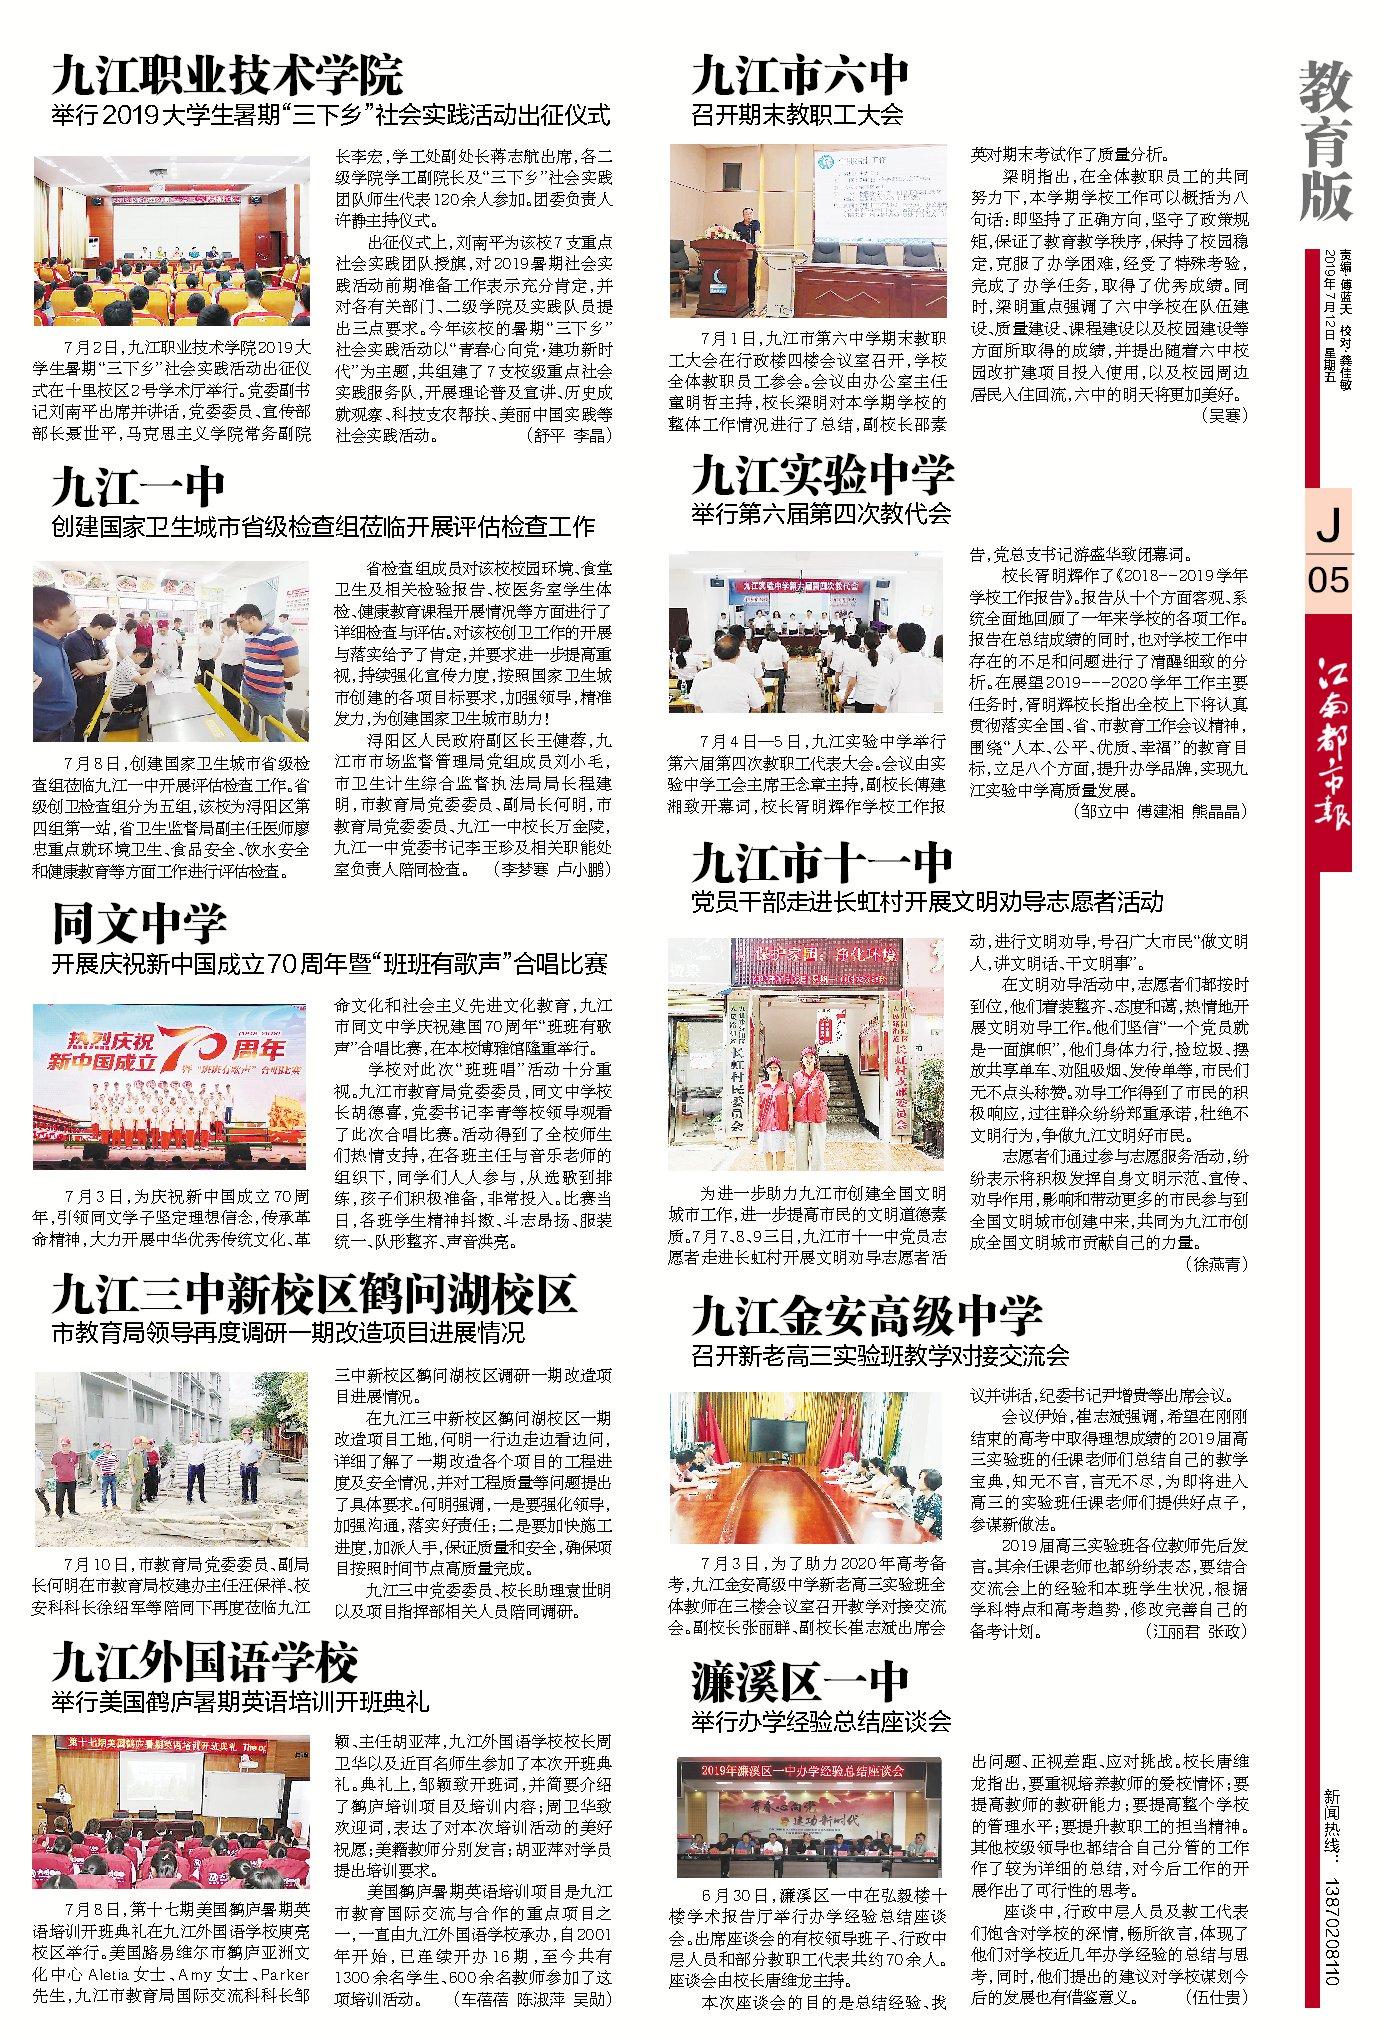 2019年7月12日江南都市报《亚博体育app苹果新闻》教育版